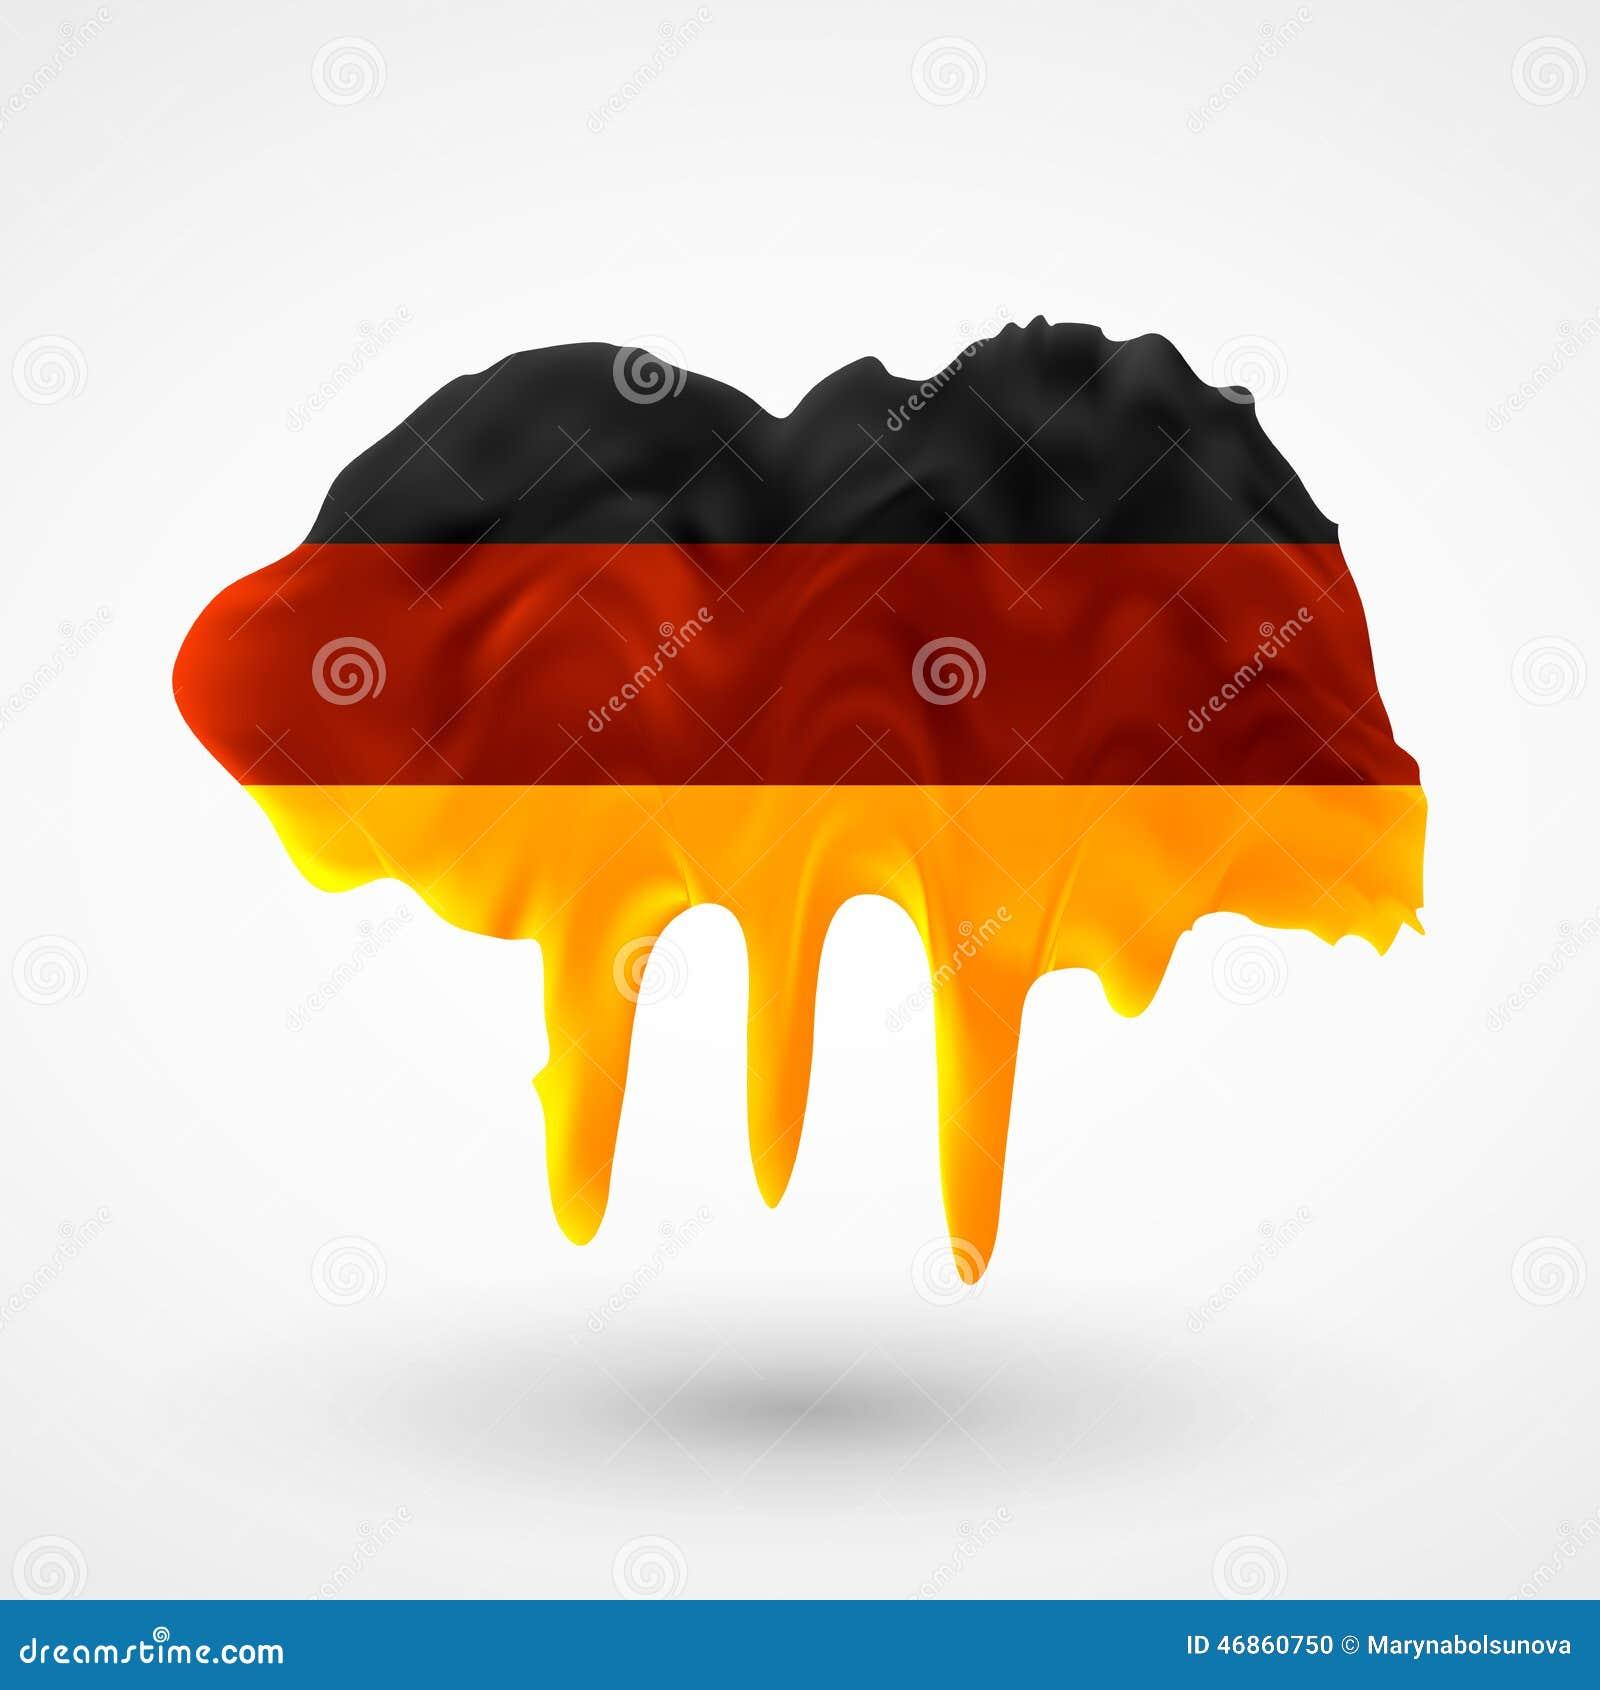 flagge von deutschland malte farben vektor abbildung bild 46860750. Black Bedroom Furniture Sets. Home Design Ideas